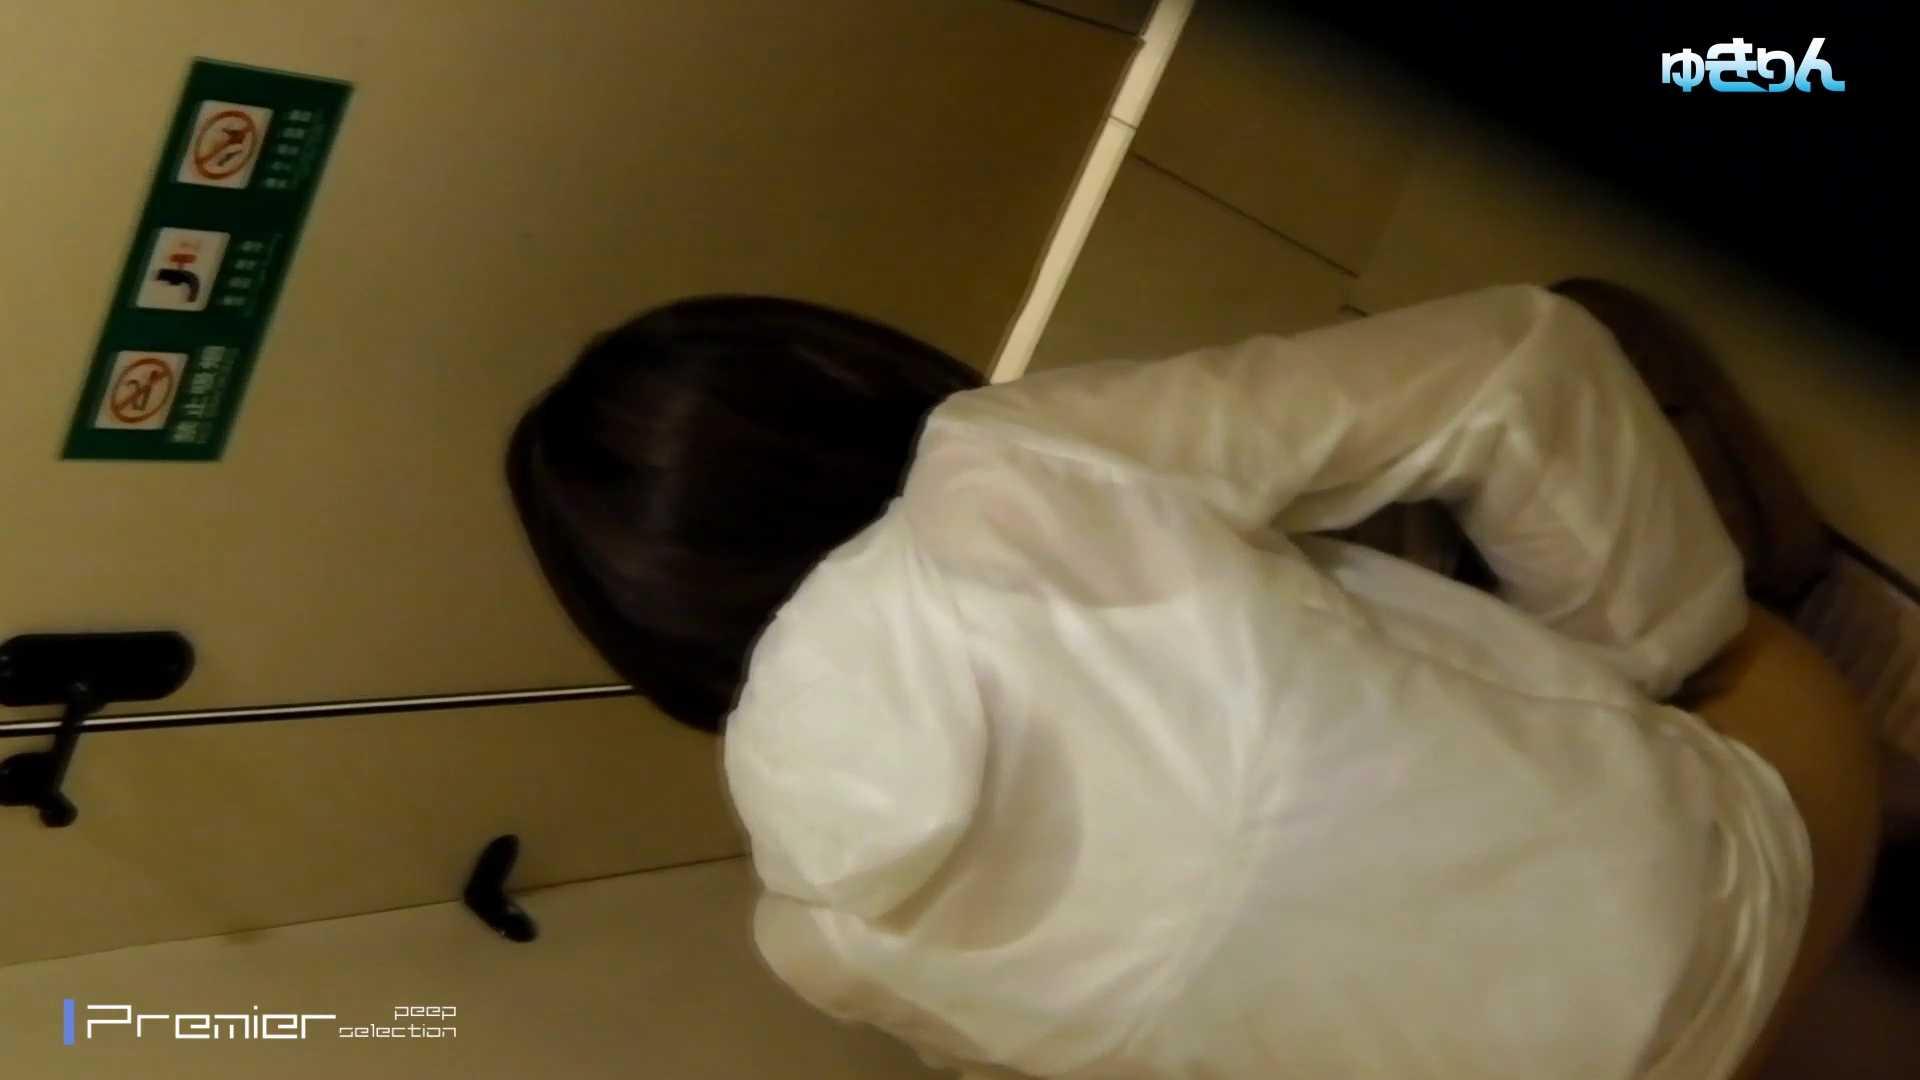 新世界の射窓 No89 あの有名のショーに出ているモデルが偶然に利用するという 洗面所 | 0  113画像 63